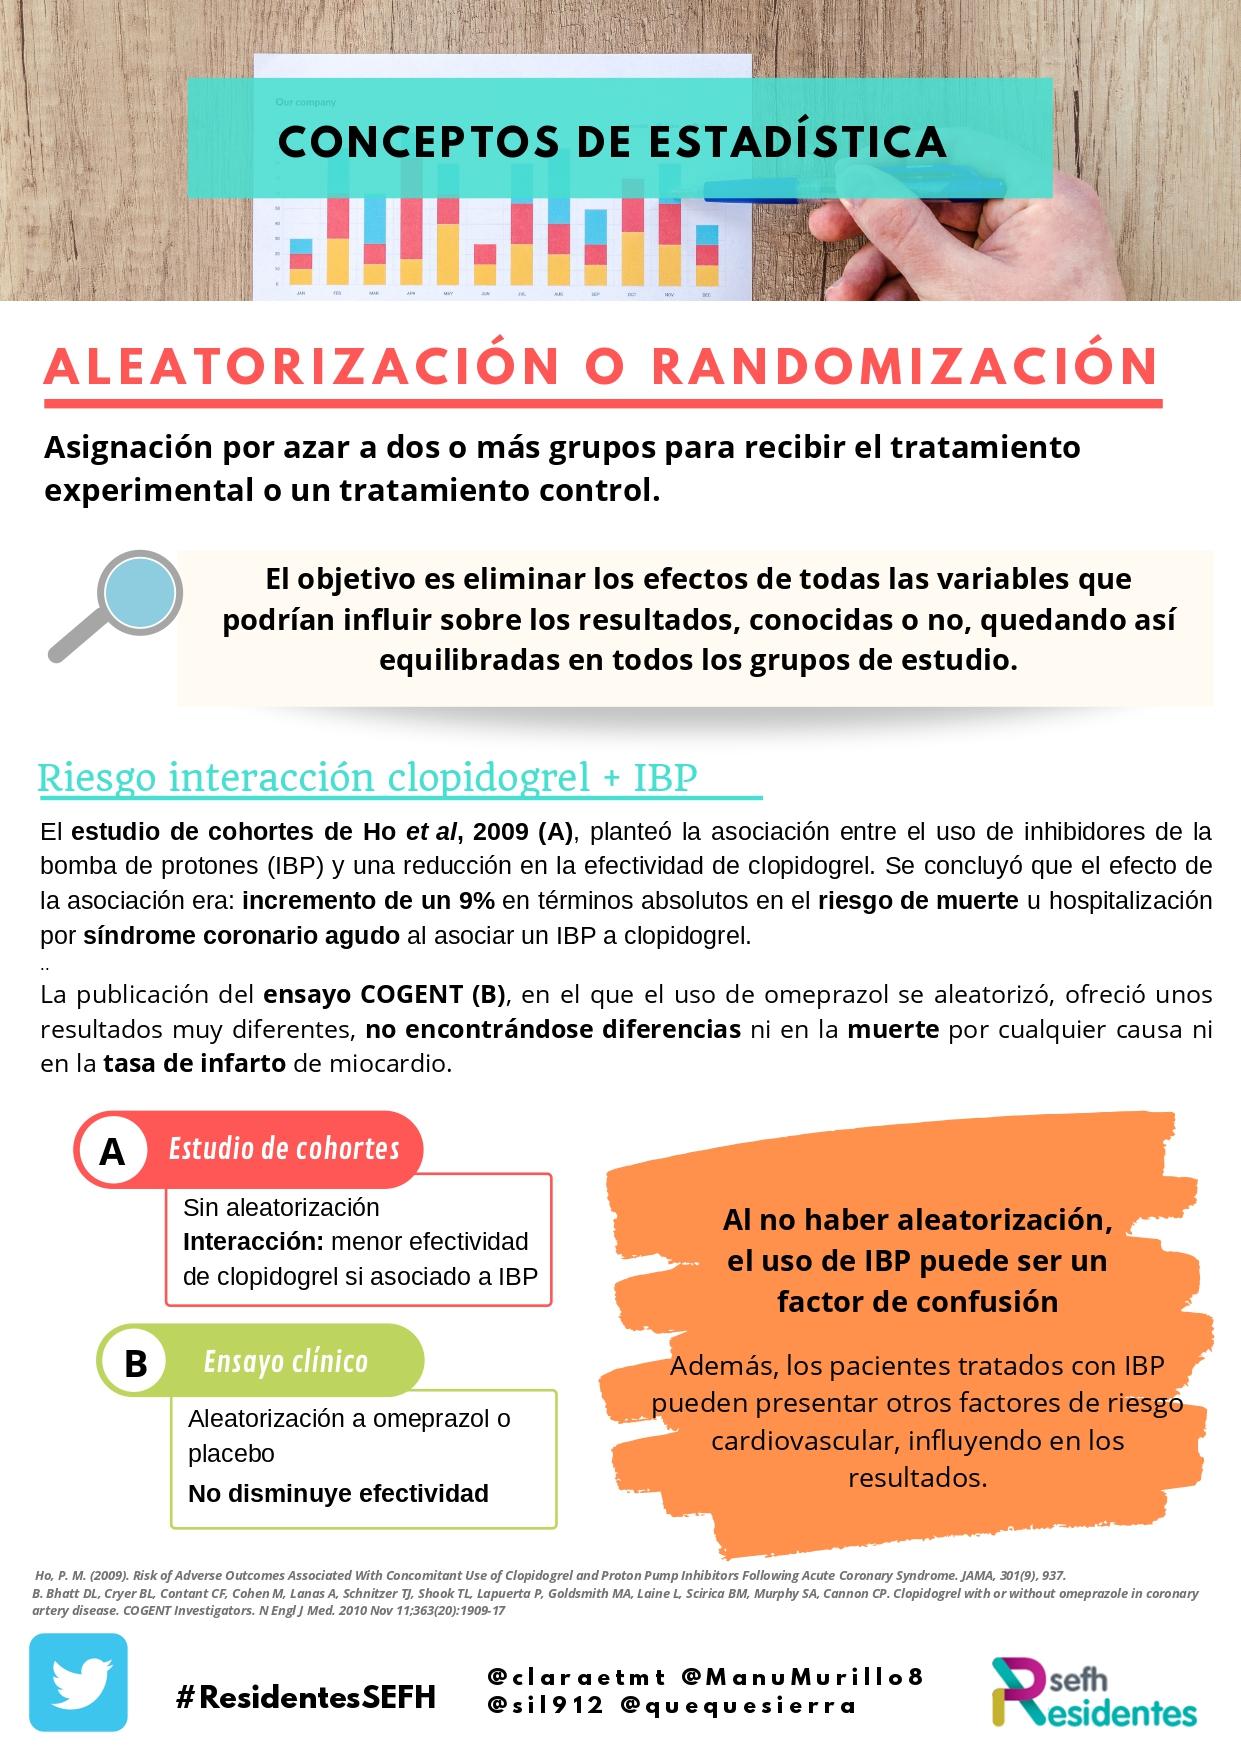 Estadística con residentesSEFH (II): aleatorización o randomización